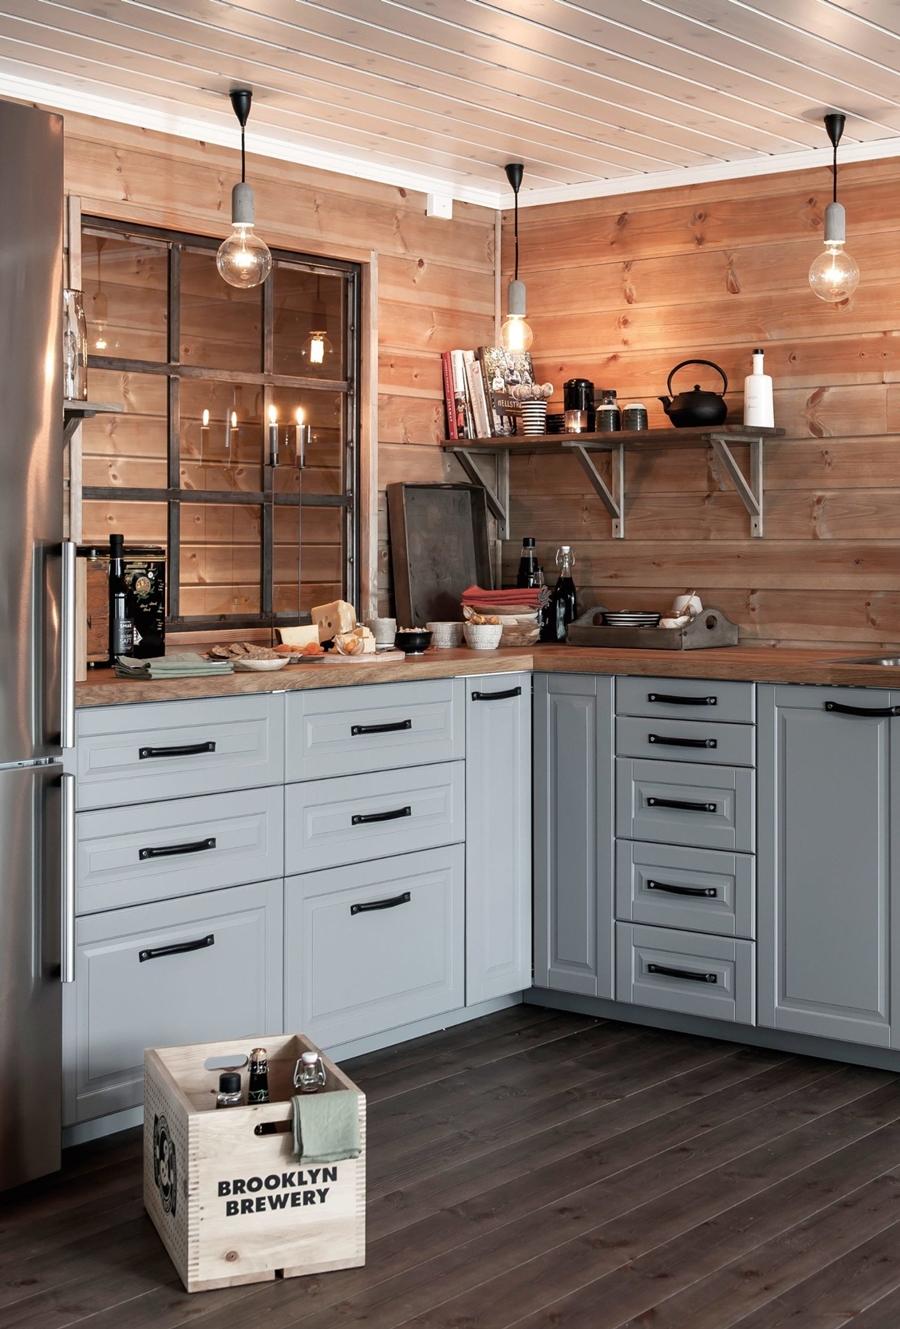 wystrój wnętrz, wnętrza, urządzanie mieszkania, dom, home decor, dekoracje, aranżacje, styl skandynawski, scandinavian style, drewniany domek, drewno, kuchnia, kitchen